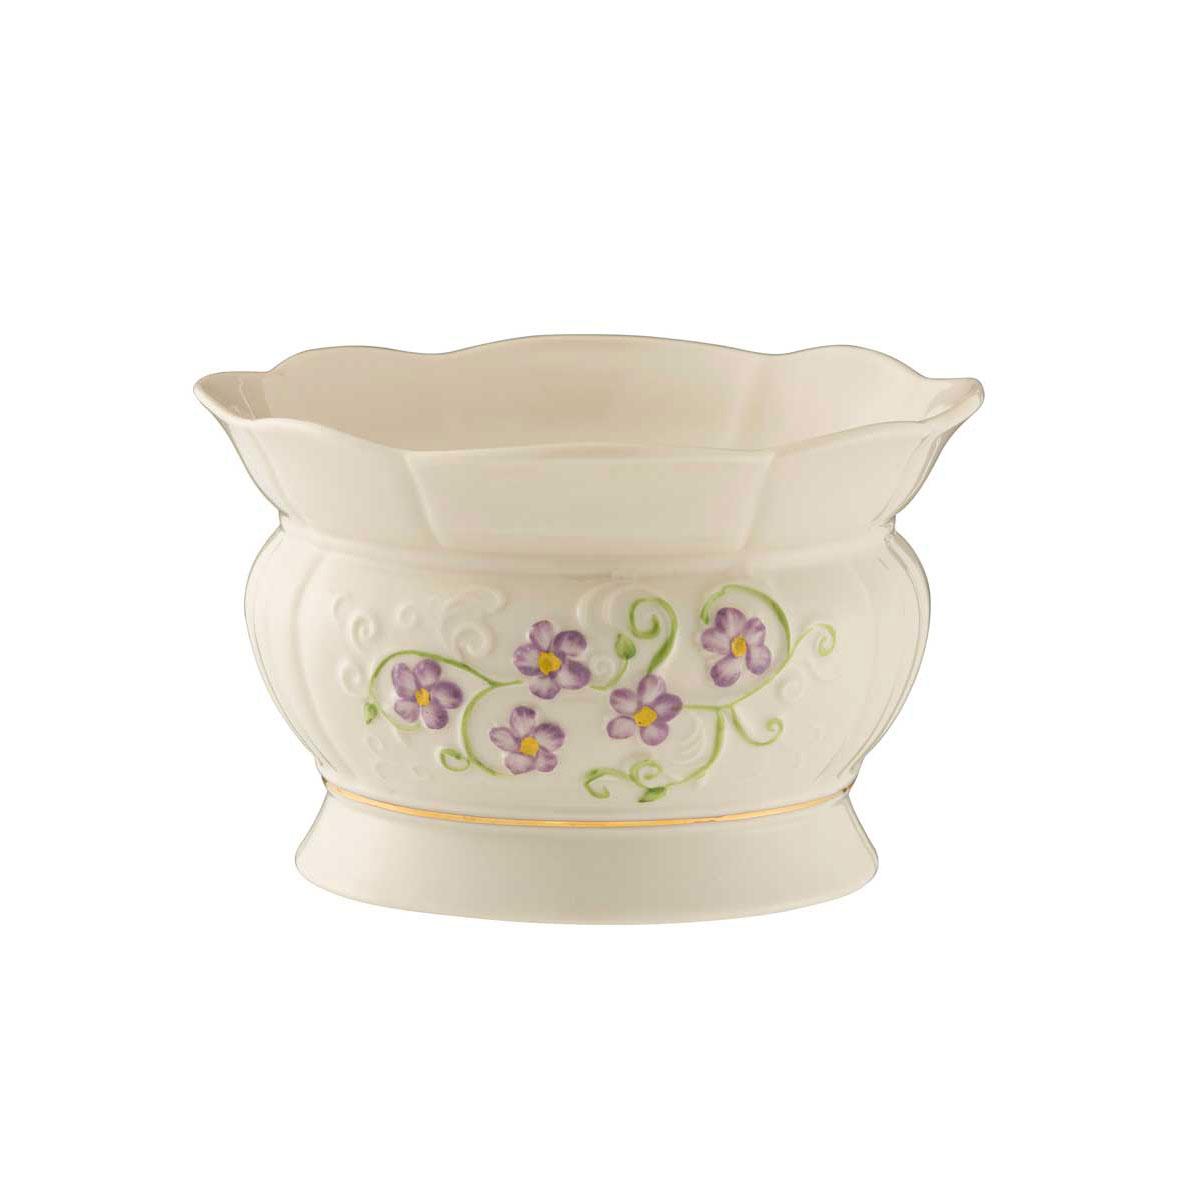 Belleek China Irish Flax Bowl